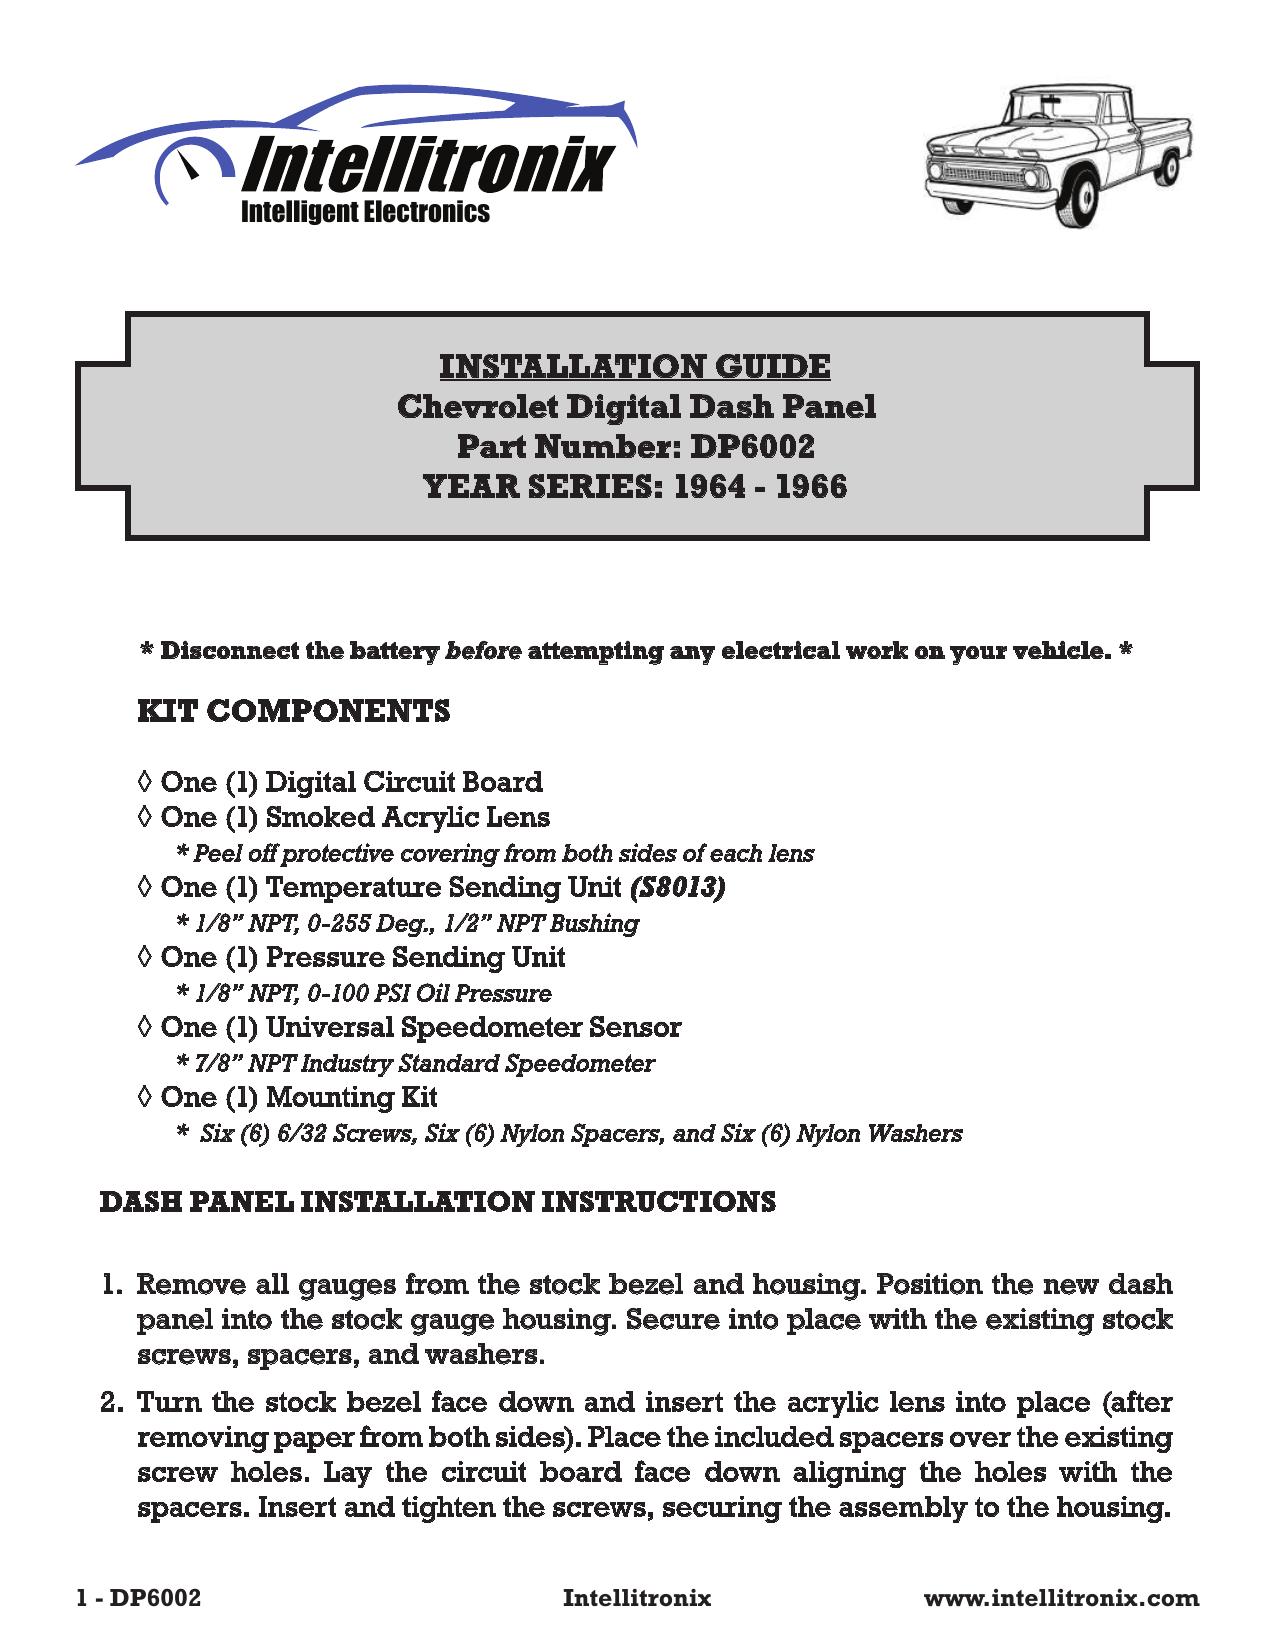 [SCHEMATICS_48IU]  INSTALLATION GUIDE Chevrolet Digital Dash Panel Part   Manualzz   Intellitronix Wiring Diagram      manualzz